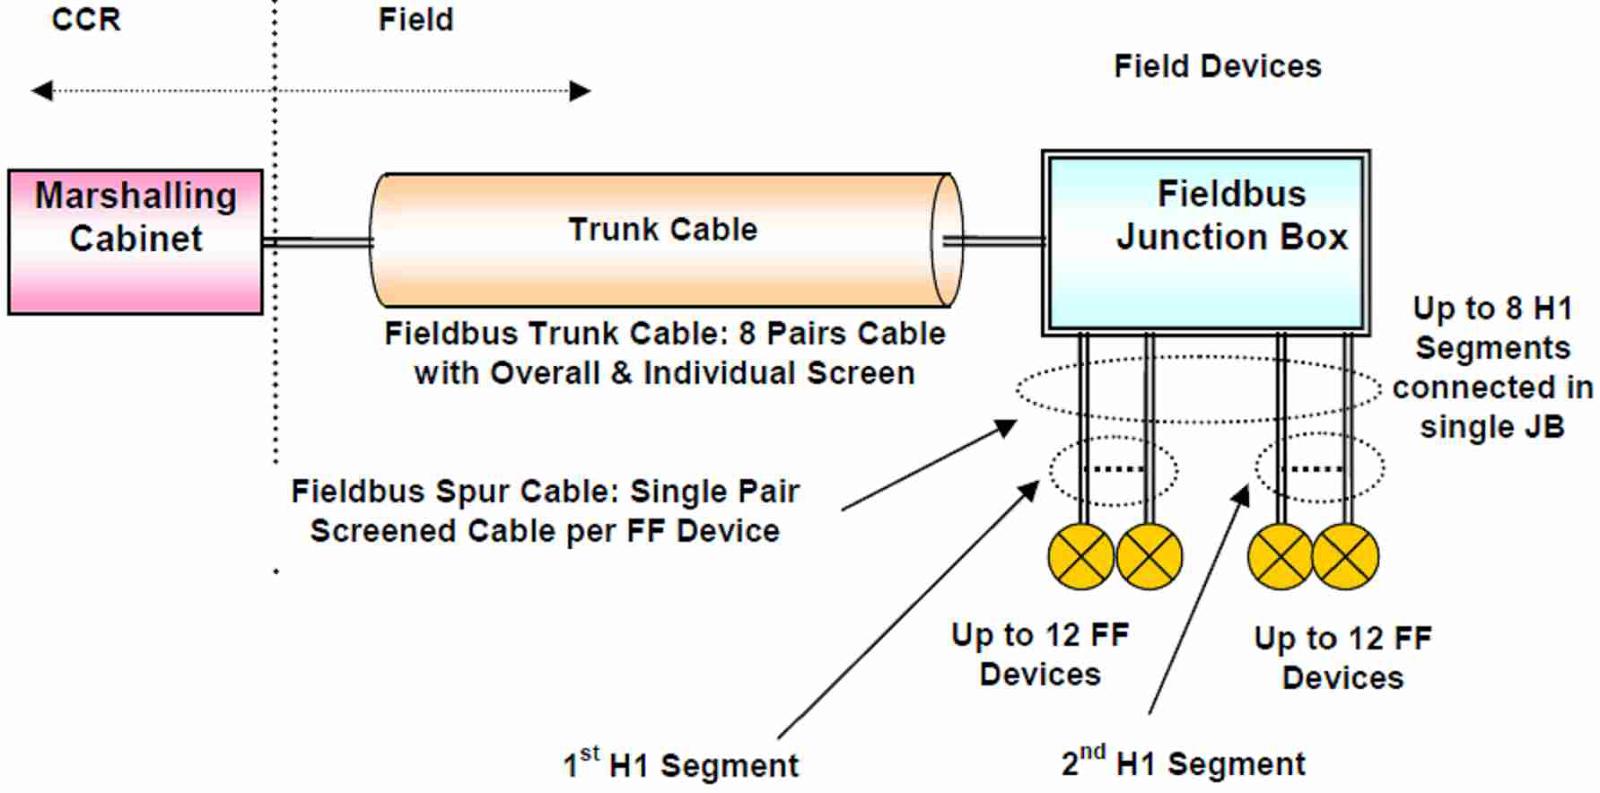 foundation™ fieldbus segment wiring design requirements fieldbus wiring guide